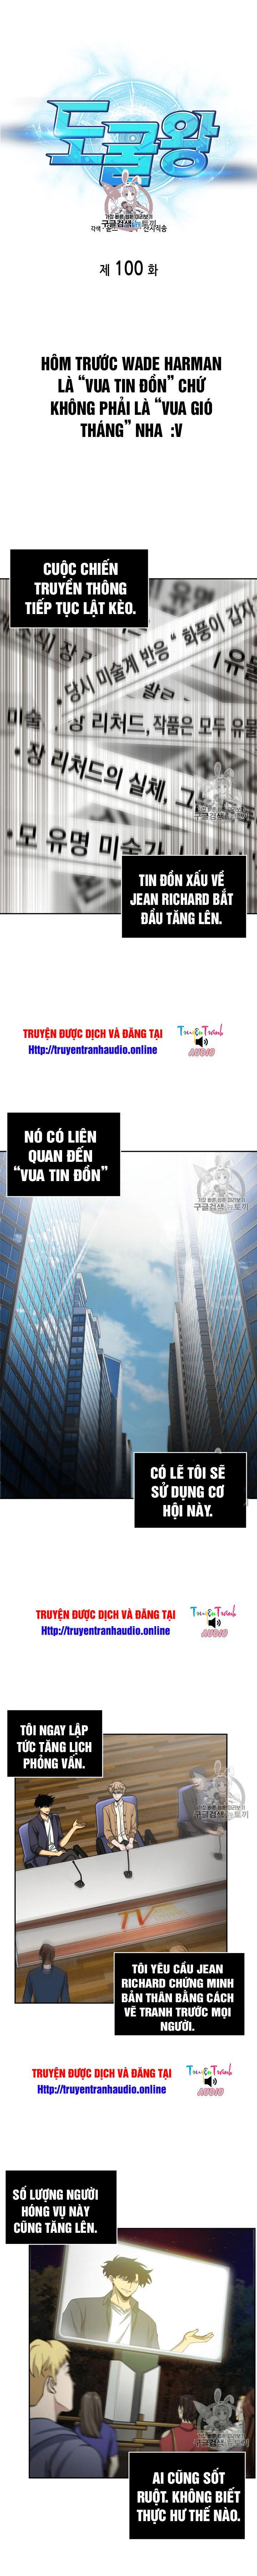 Vua Trộm mộ chap 100 - Trang 2